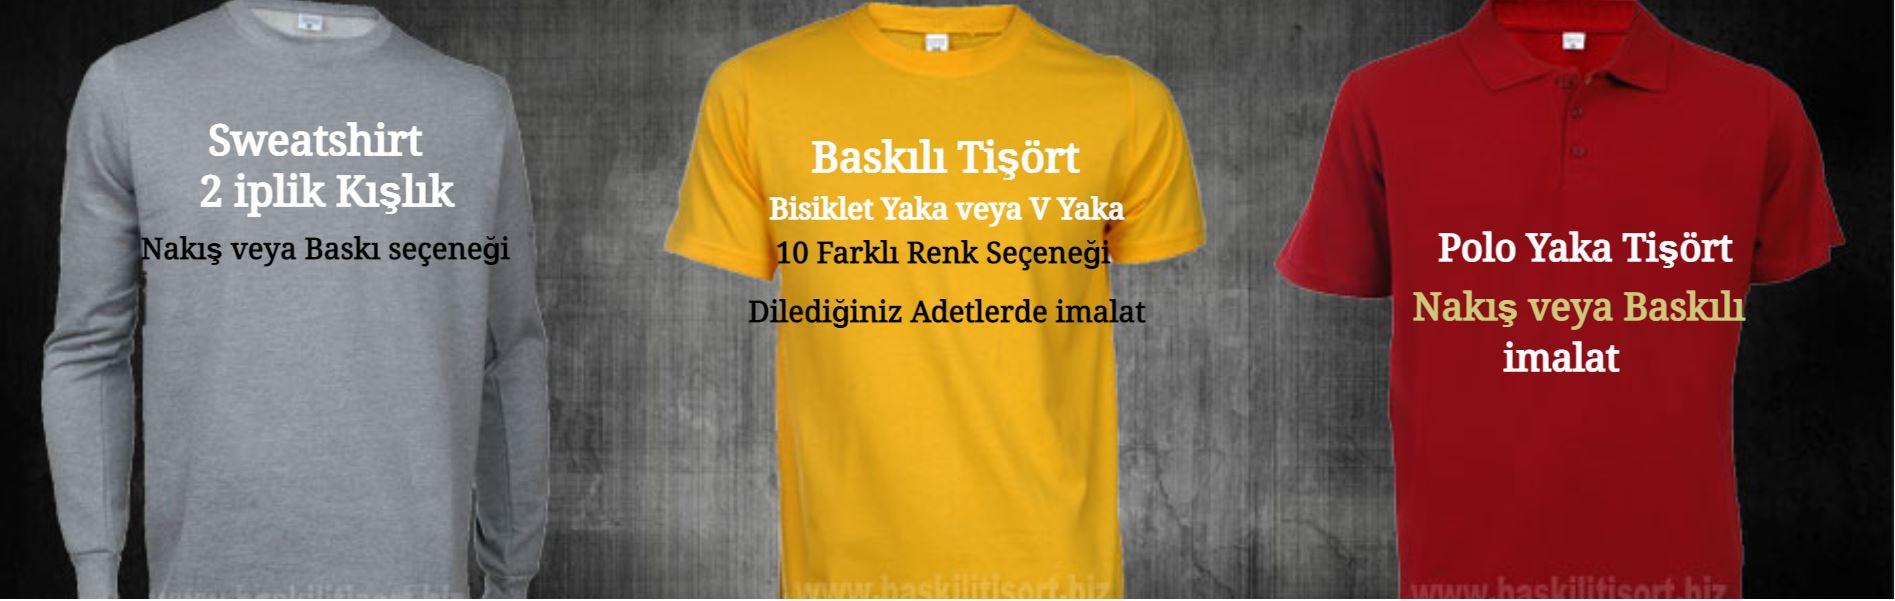 Şirket Logolu Baskılı Tişört